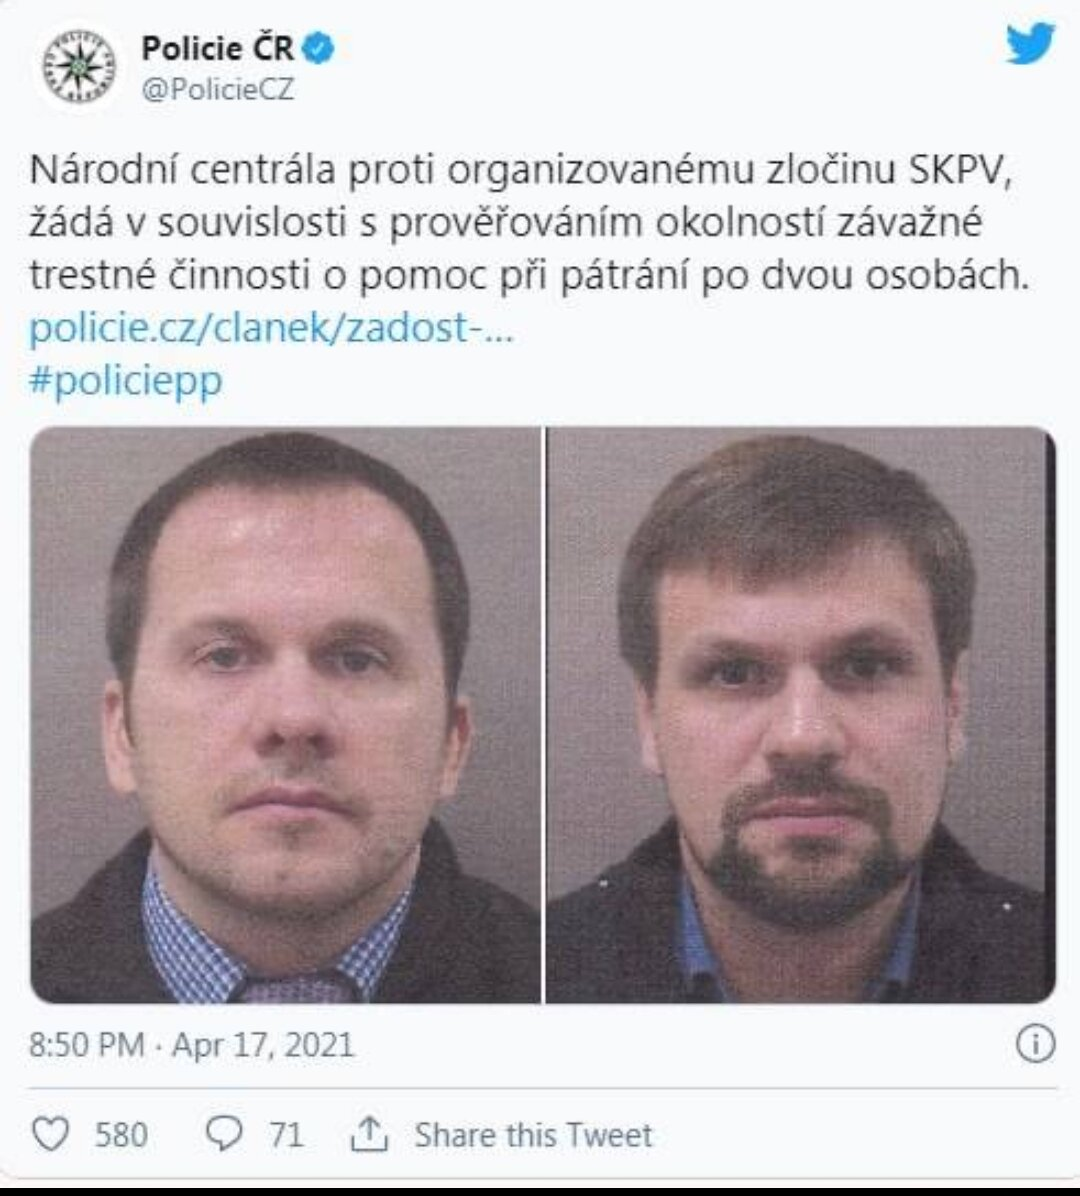 Новая шалость от Петрова и Боширова. Теперь в Чехии.